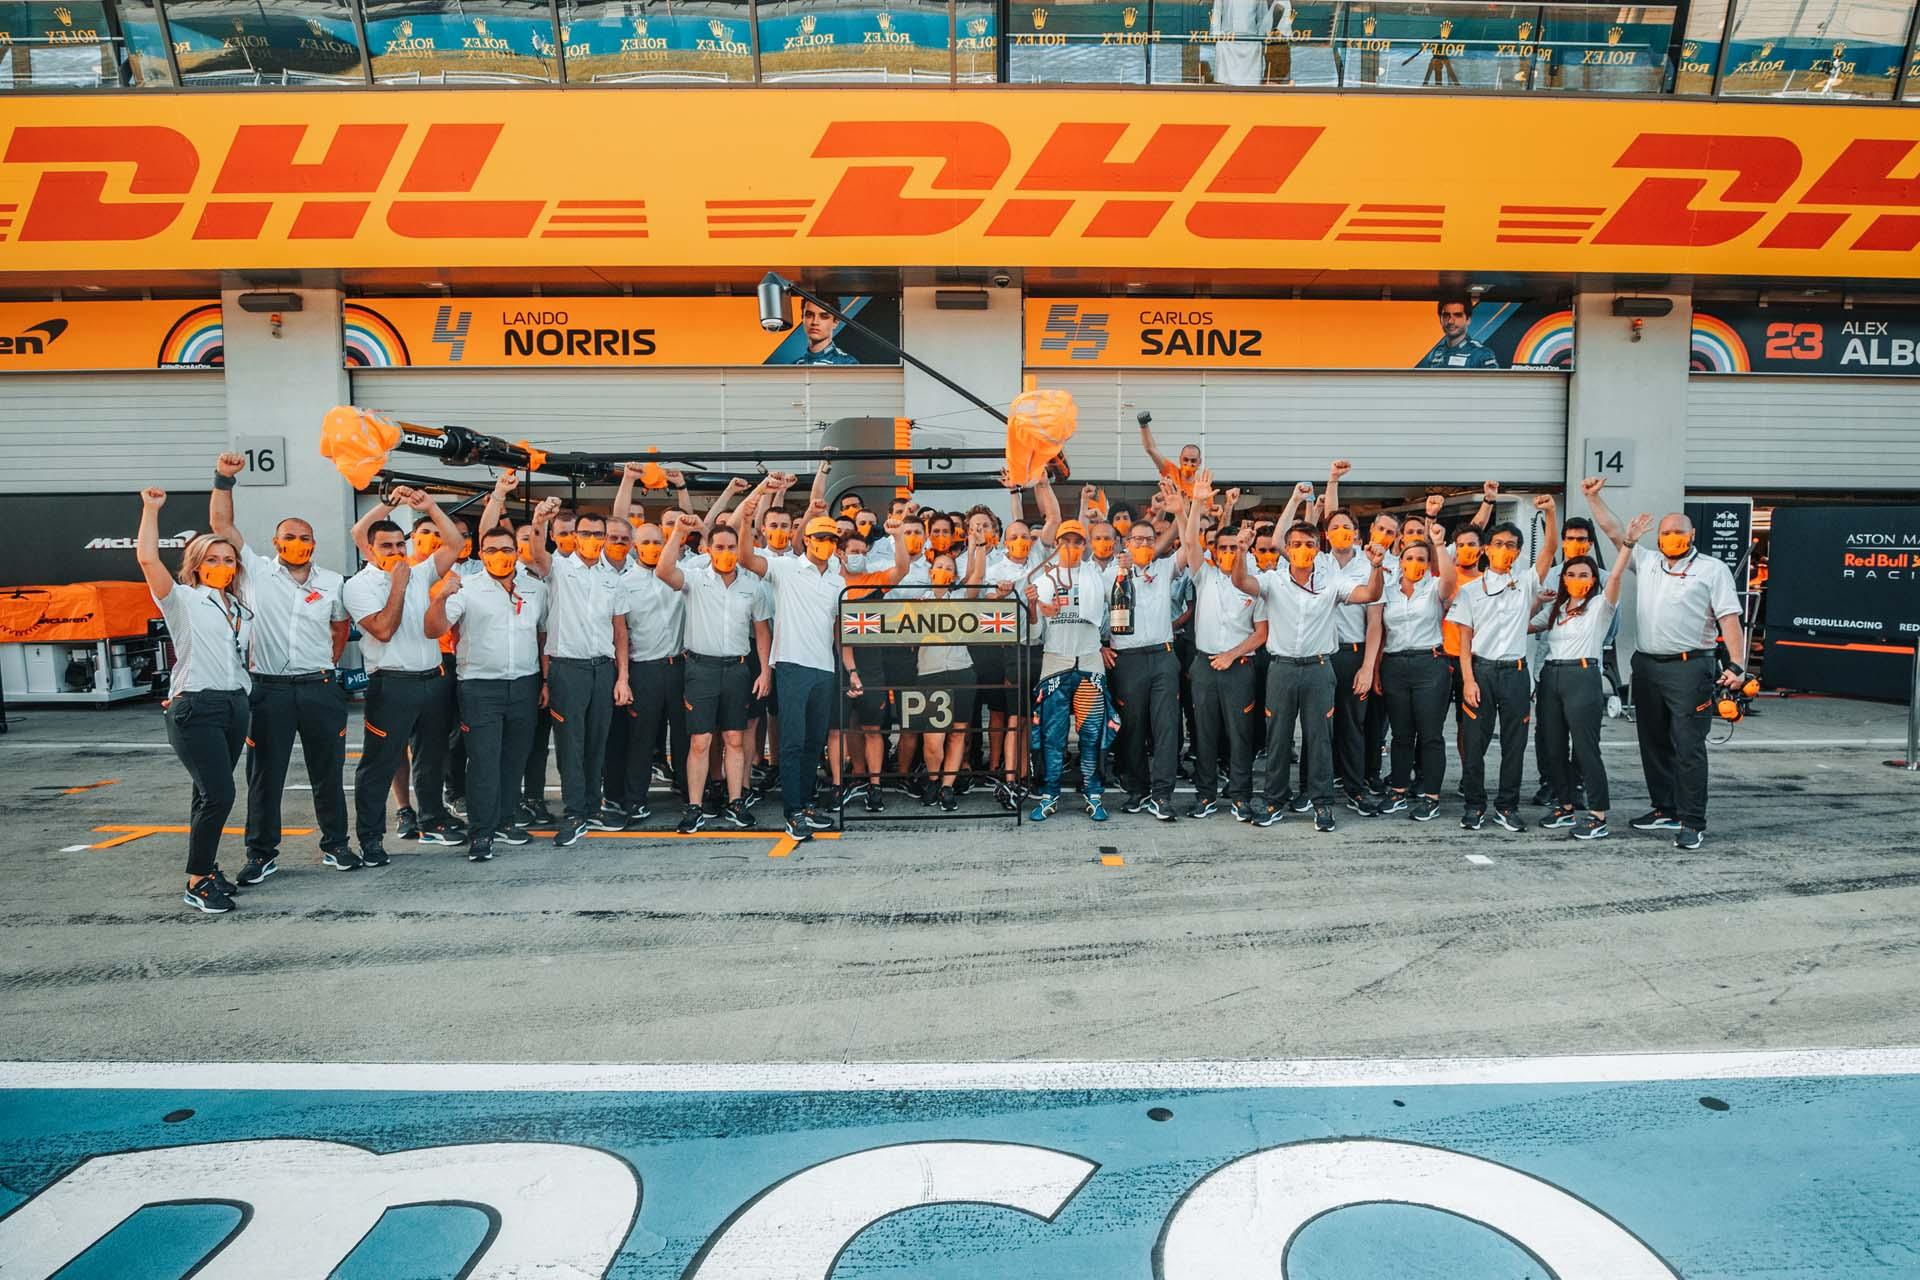 Lando Norris, McLaren, celebrates with the team after scoring his maiden podium